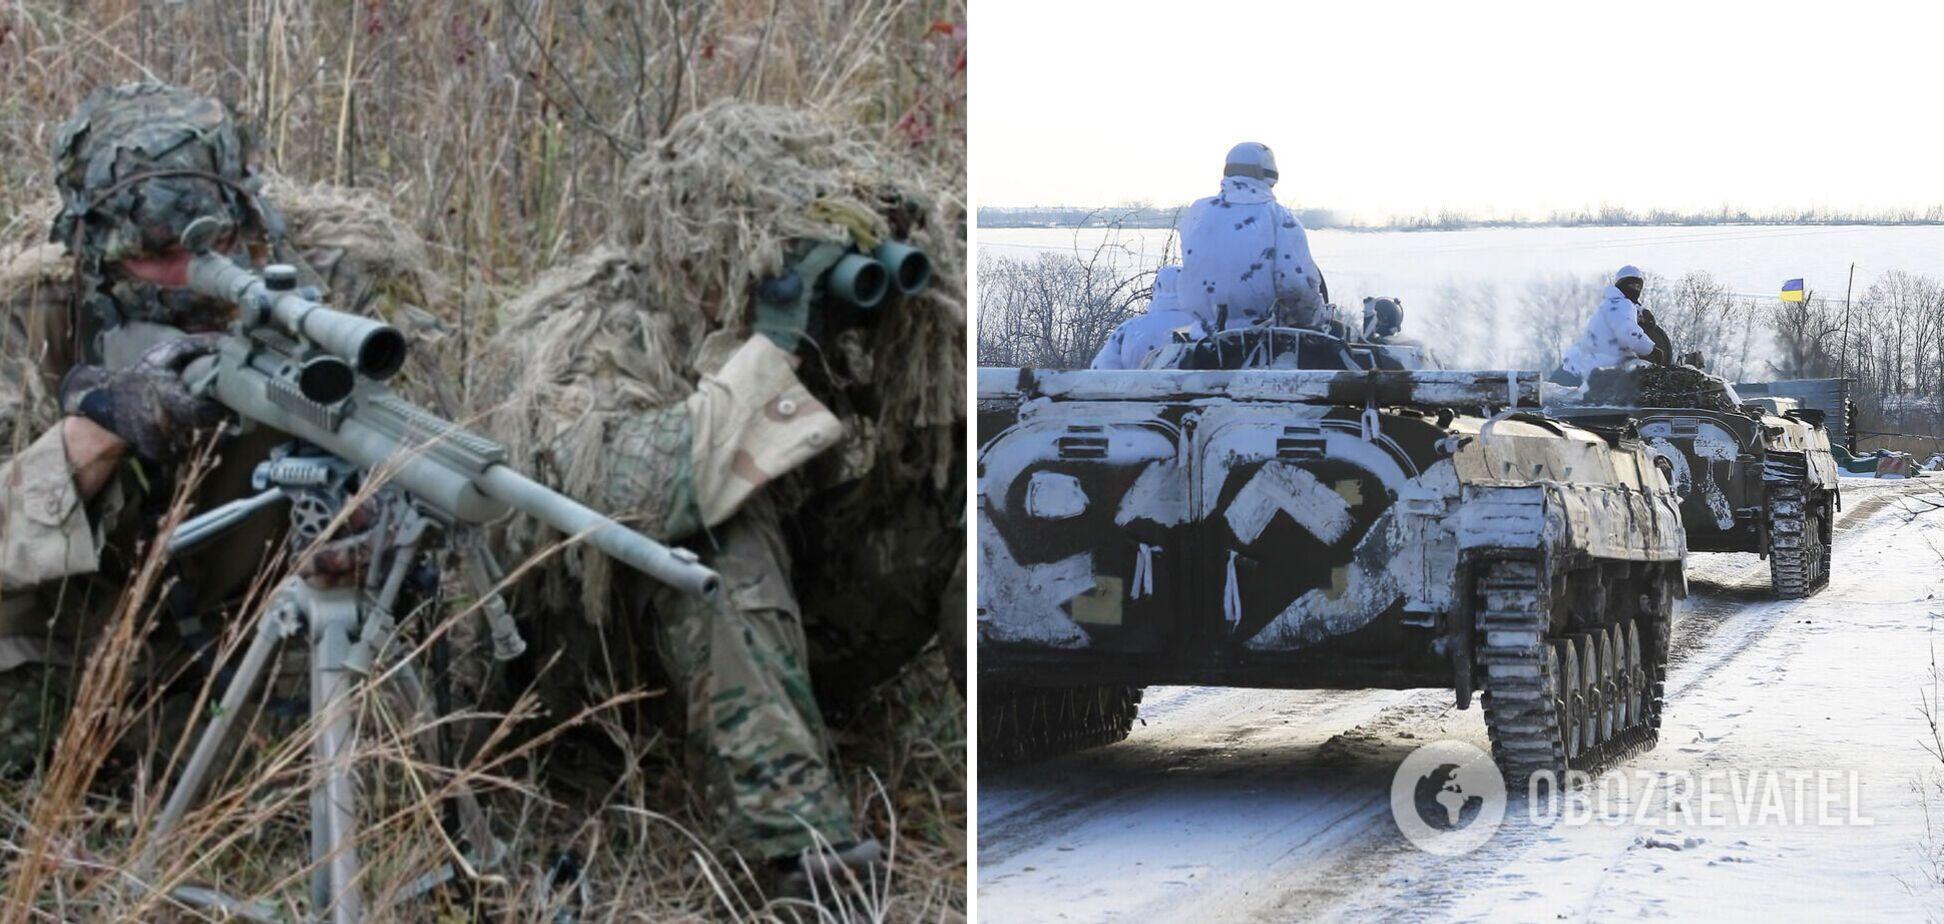 Снайпер вооруженных формирований РФ ранил воина ВСУ на Донбассе